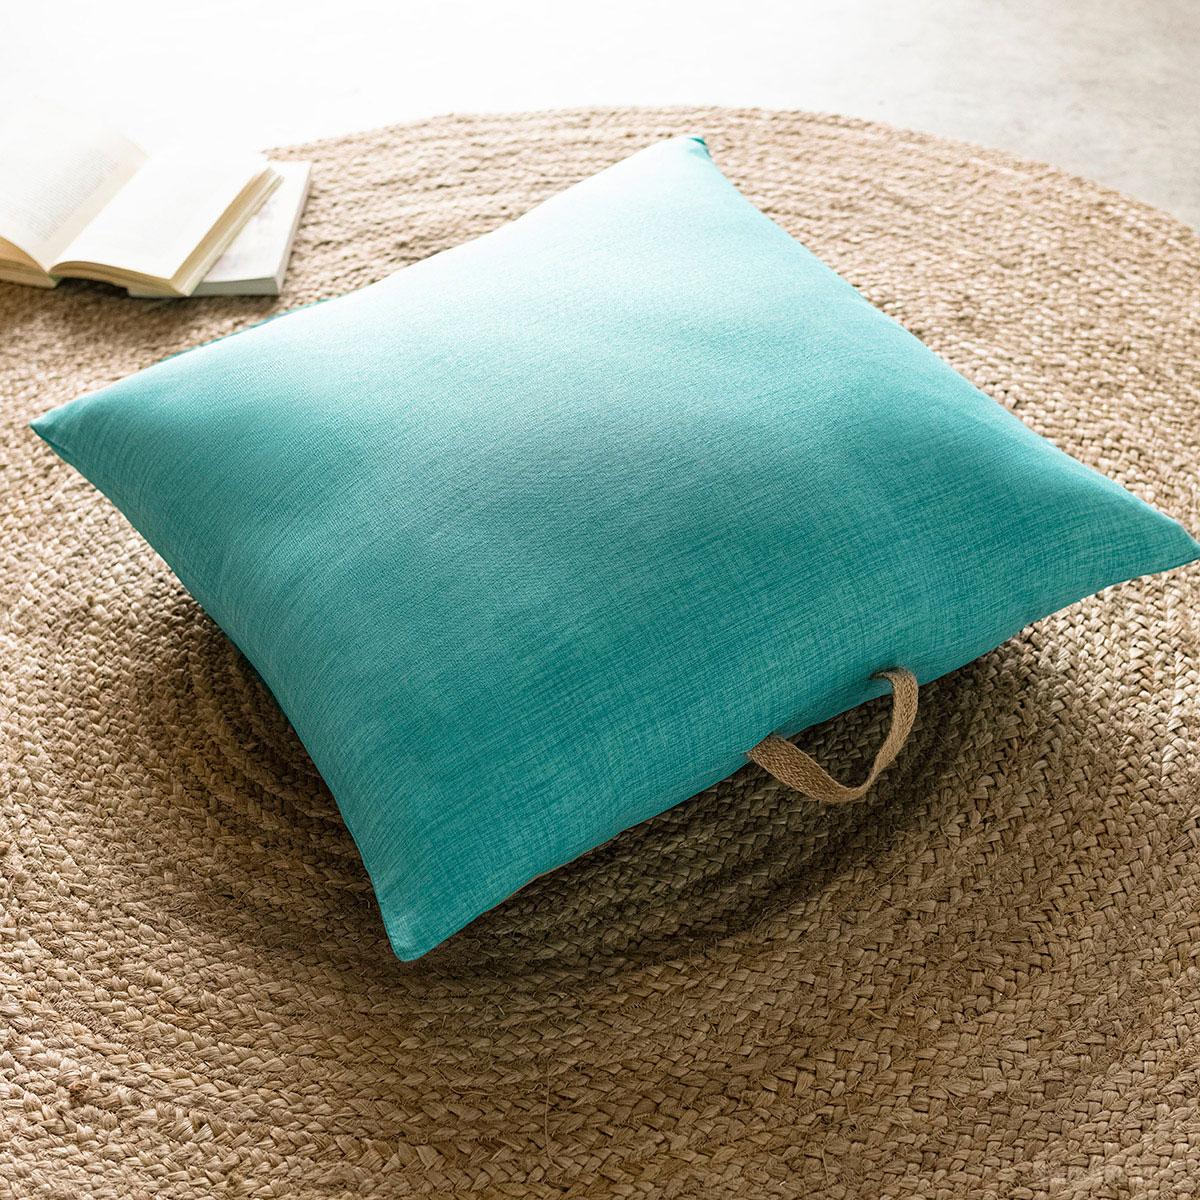 Θήκη Μαξιλάρας (65×65) Gofis Home Chrome Turquoise 930A/24